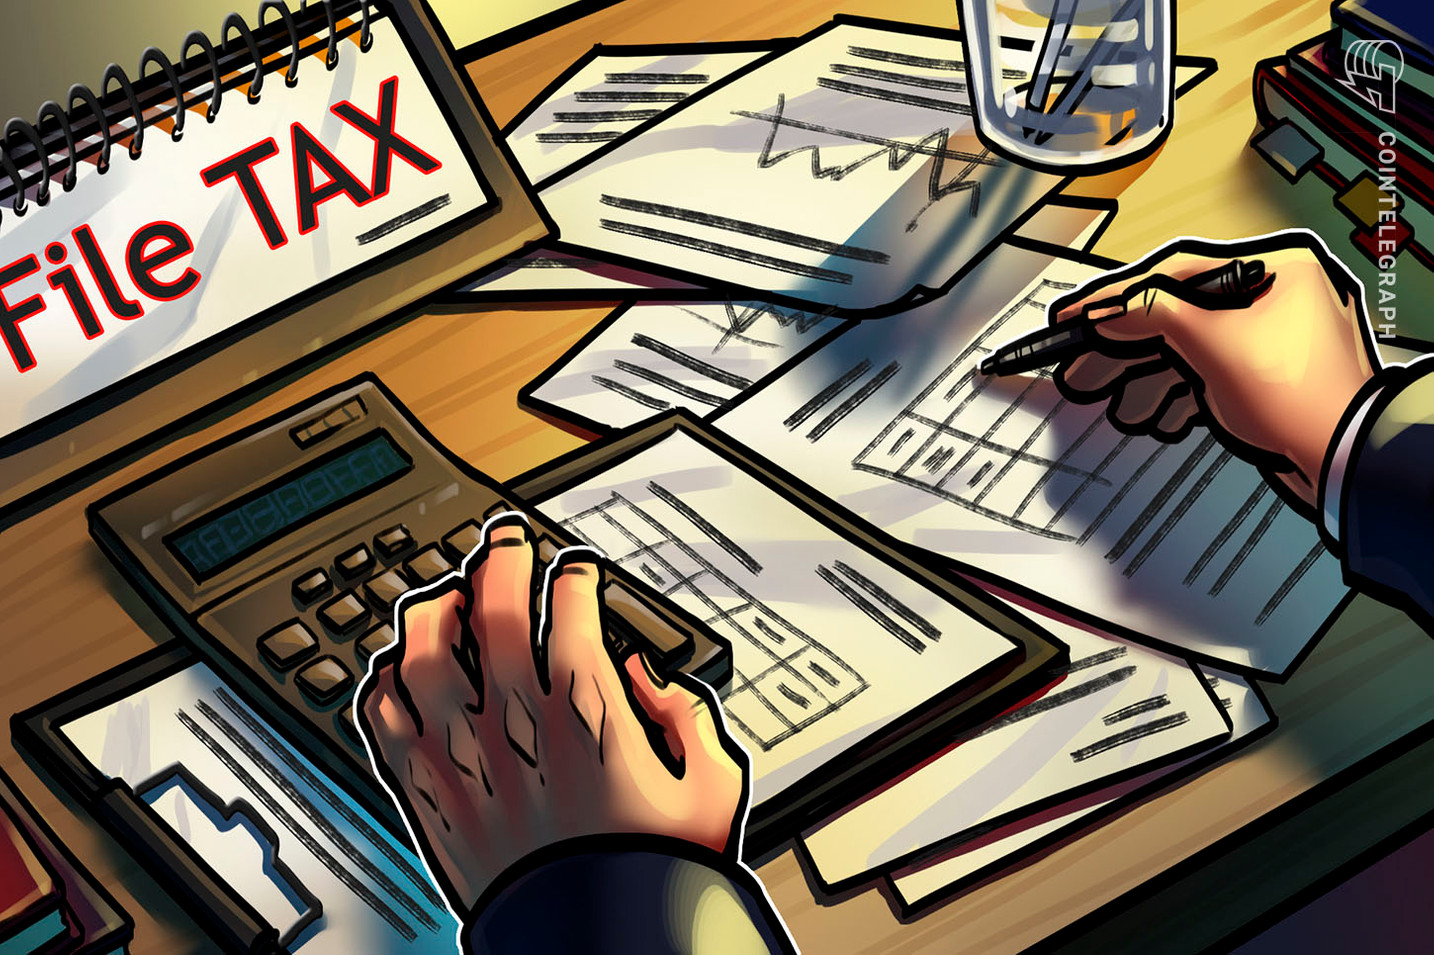 FXの確定申告や税金をわかりやすく解説 |為替やCFDトレーダー必見